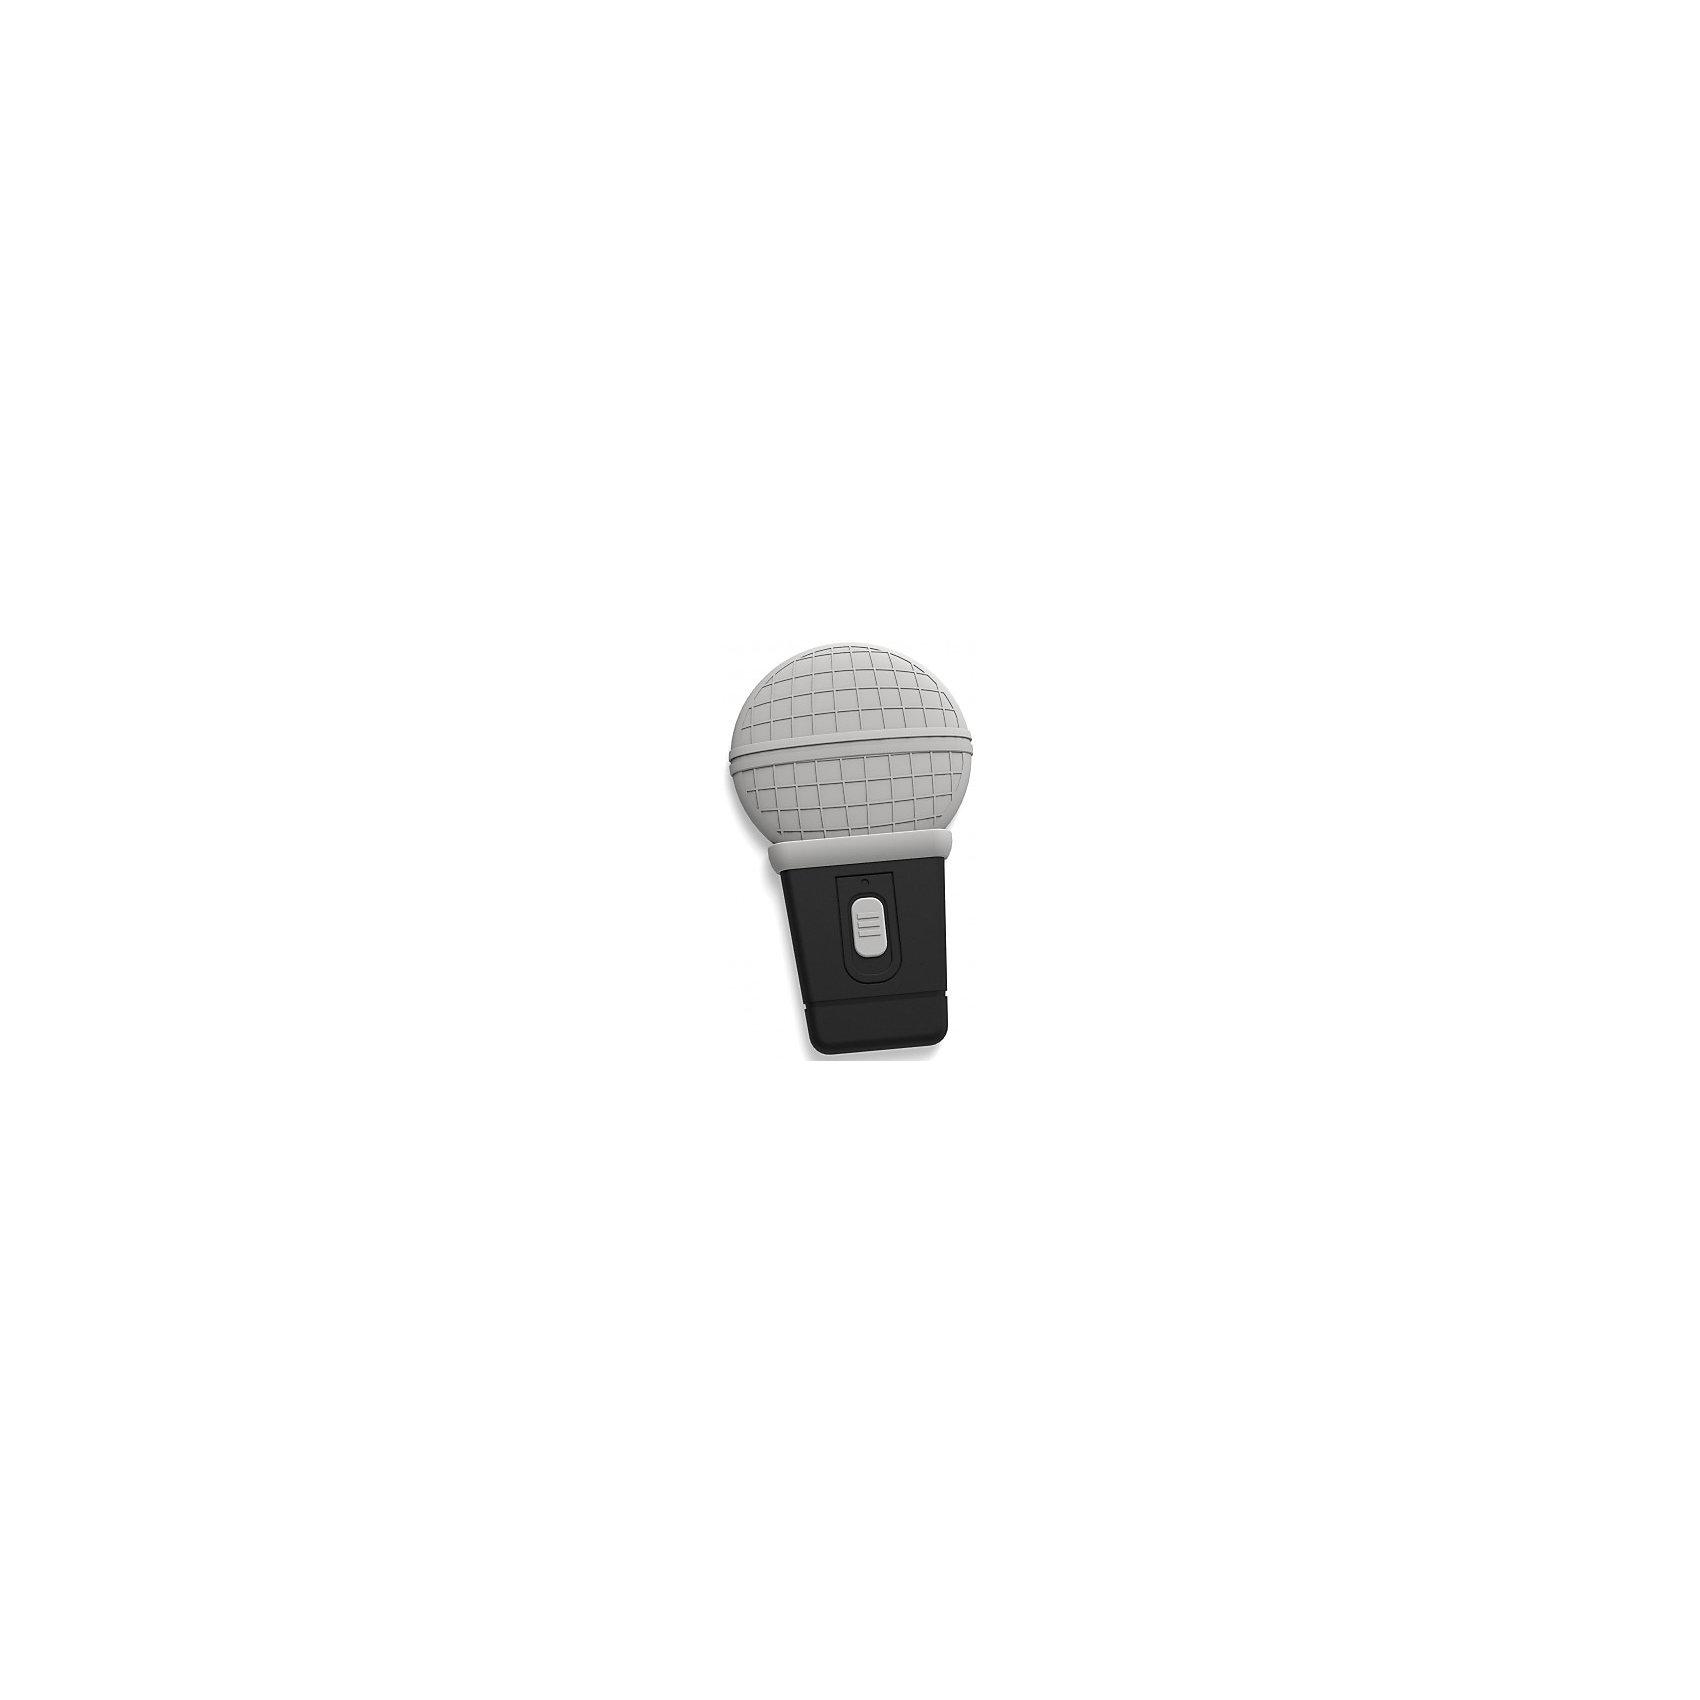 Прорезыватель Microphone Teether, GamagoПрорезыватели<br>Прорезыватель Microphone Teether, Gamago.<br><br>• изготовлен из пищевого силикона<br>• не содержит бисфенол-А<br>• уменьшает болевые ощущения при прорезывании зубов<br>• удобная для ребенка форма<br>• без наполнителя<br>• материал: 100% силикон<br>• размер: 19х9 см<br><br>Прорезыватель Microphone Teether, Gamago поможет успокоить десны малыша во время такого важного периода, как прорезывание зубов. Для усиления эффекта прорезыватель рекомендуется убрать в холодильник на несколько минут и предложить малышу охлажденным. Этот необычный прорезыватель должен быть у каждого начинающего певца!<br><br>Прорезыватель Microphone Teether, Gamago можно купить в нашем интернет-магазине.<br><br>Ширина мм: 90<br>Глубина мм: 100<br>Высота мм: 180<br>Вес г: 38<br>Возраст от месяцев: 3<br>Возраст до месяцев: 36<br>Пол: Унисекс<br>Возраст: Детский<br>SKU: 5068749